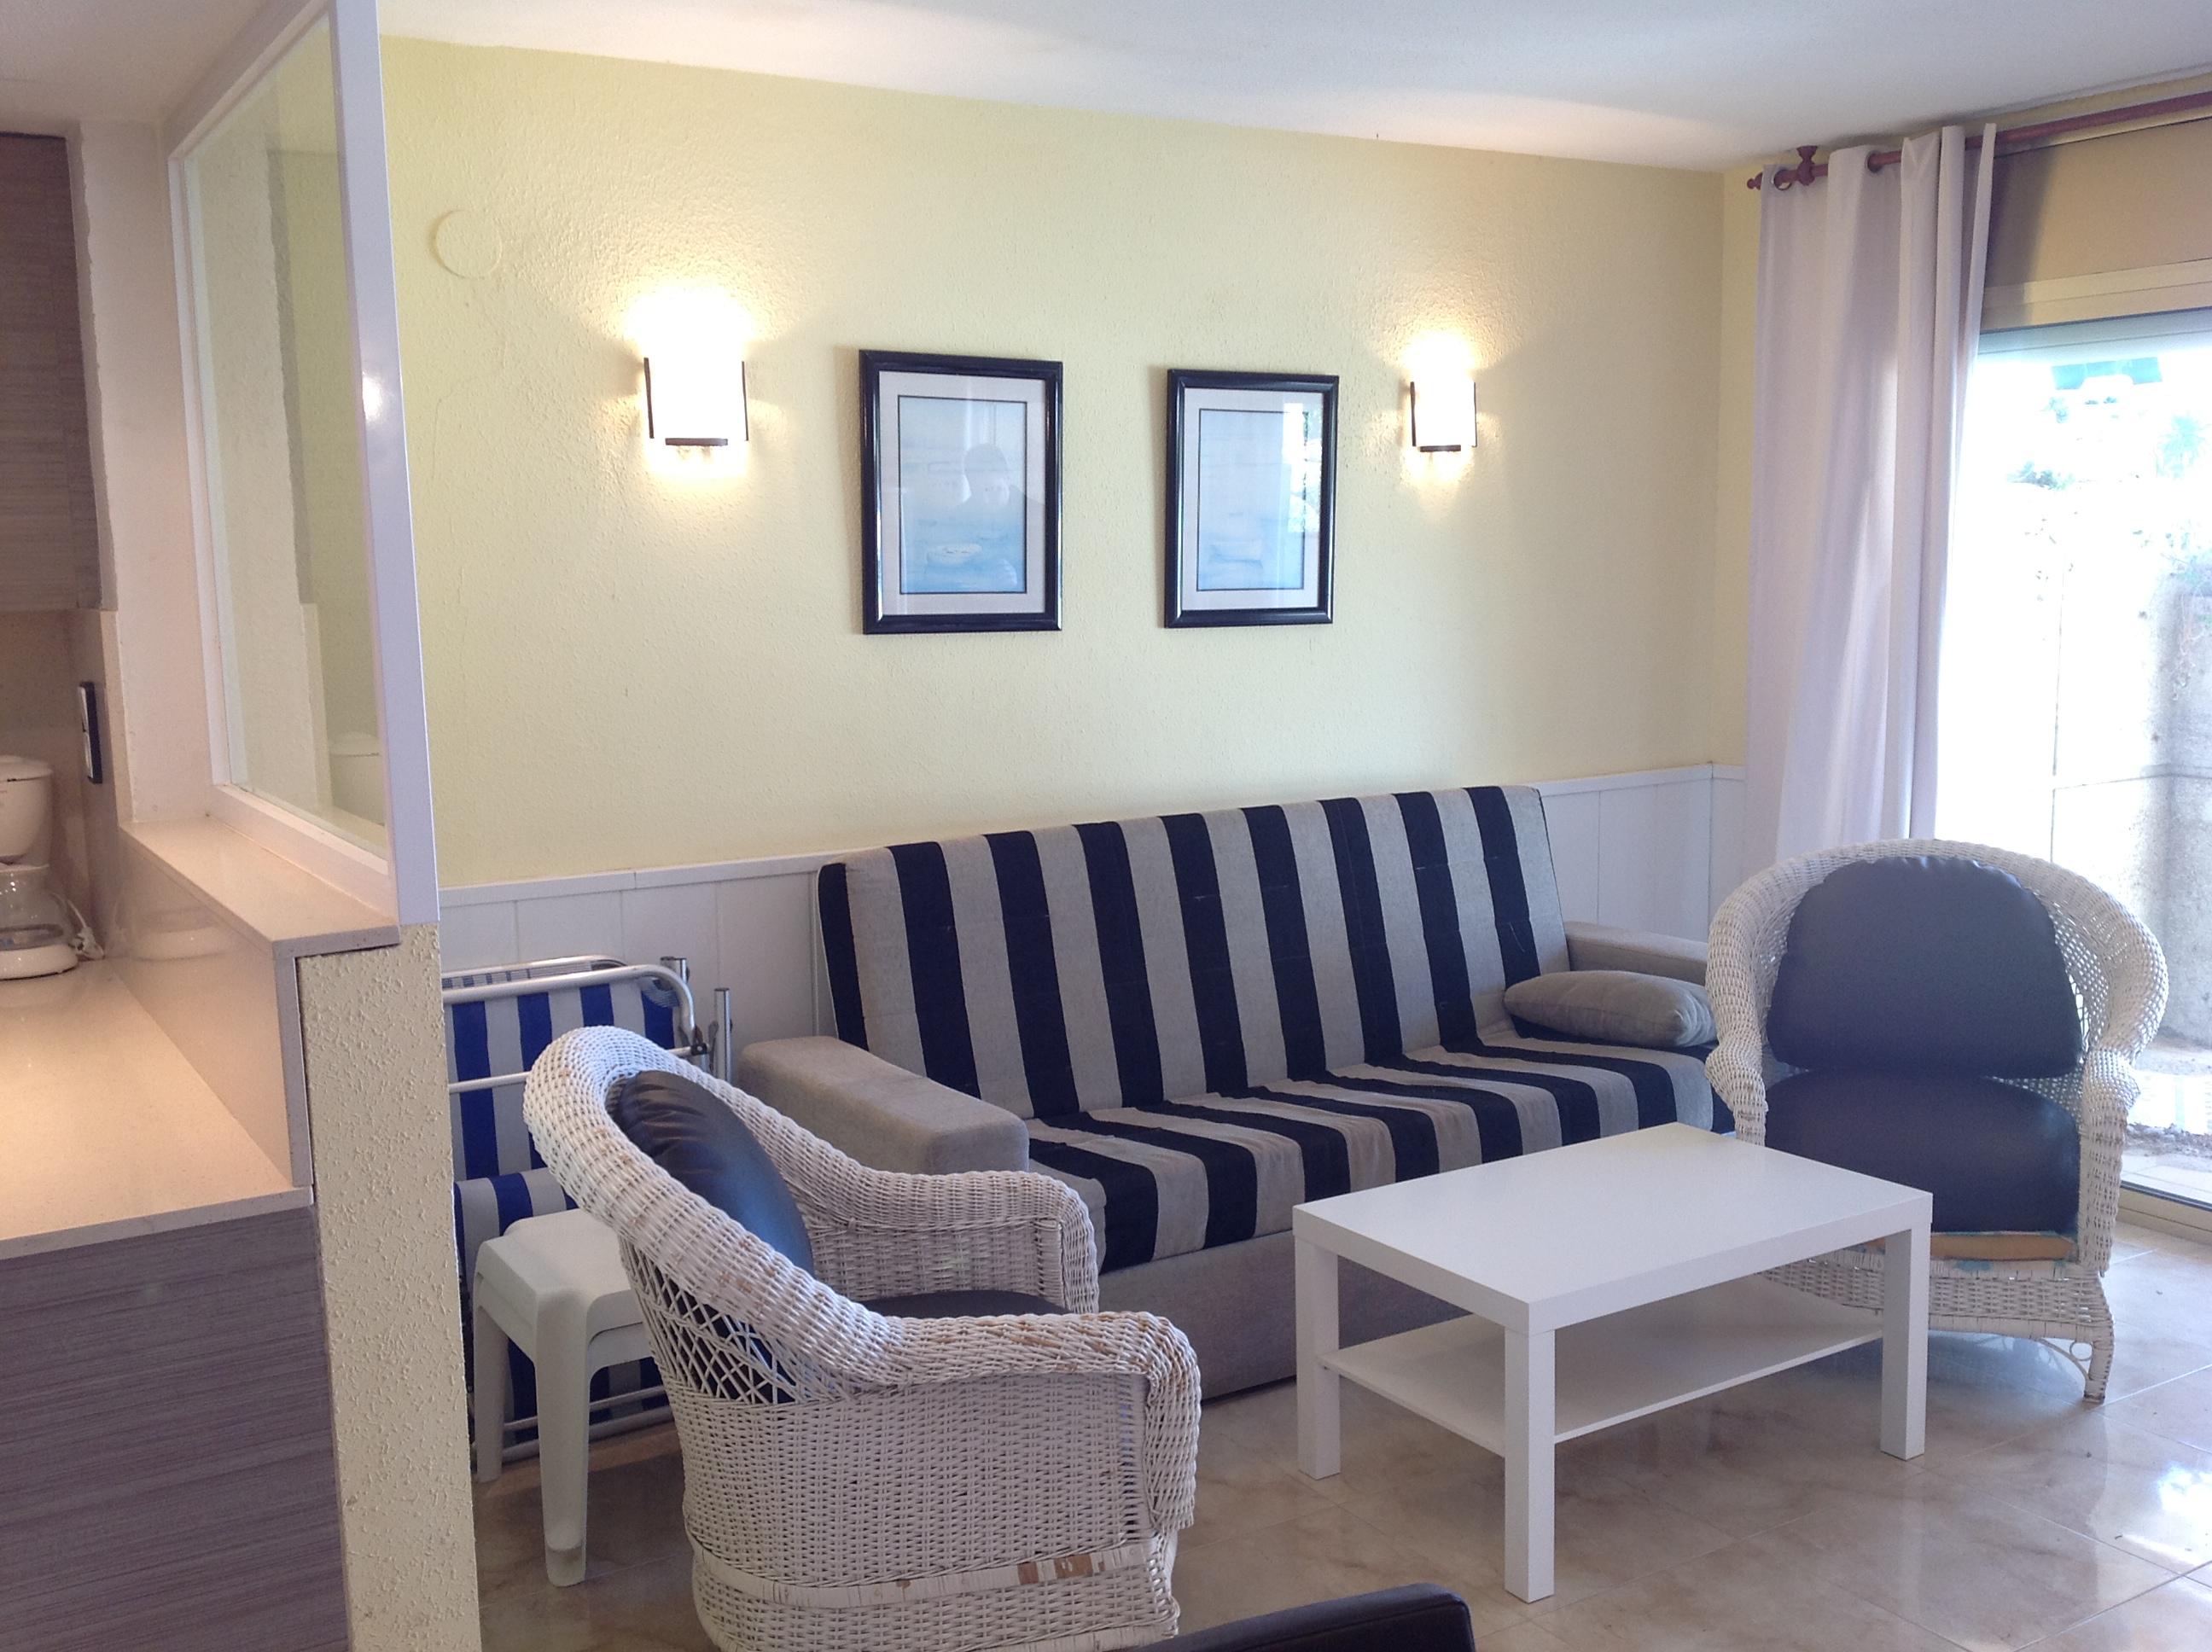 Апартаменты в Таррагона - Коста Дорада, площадь 80 м², 2 спальни